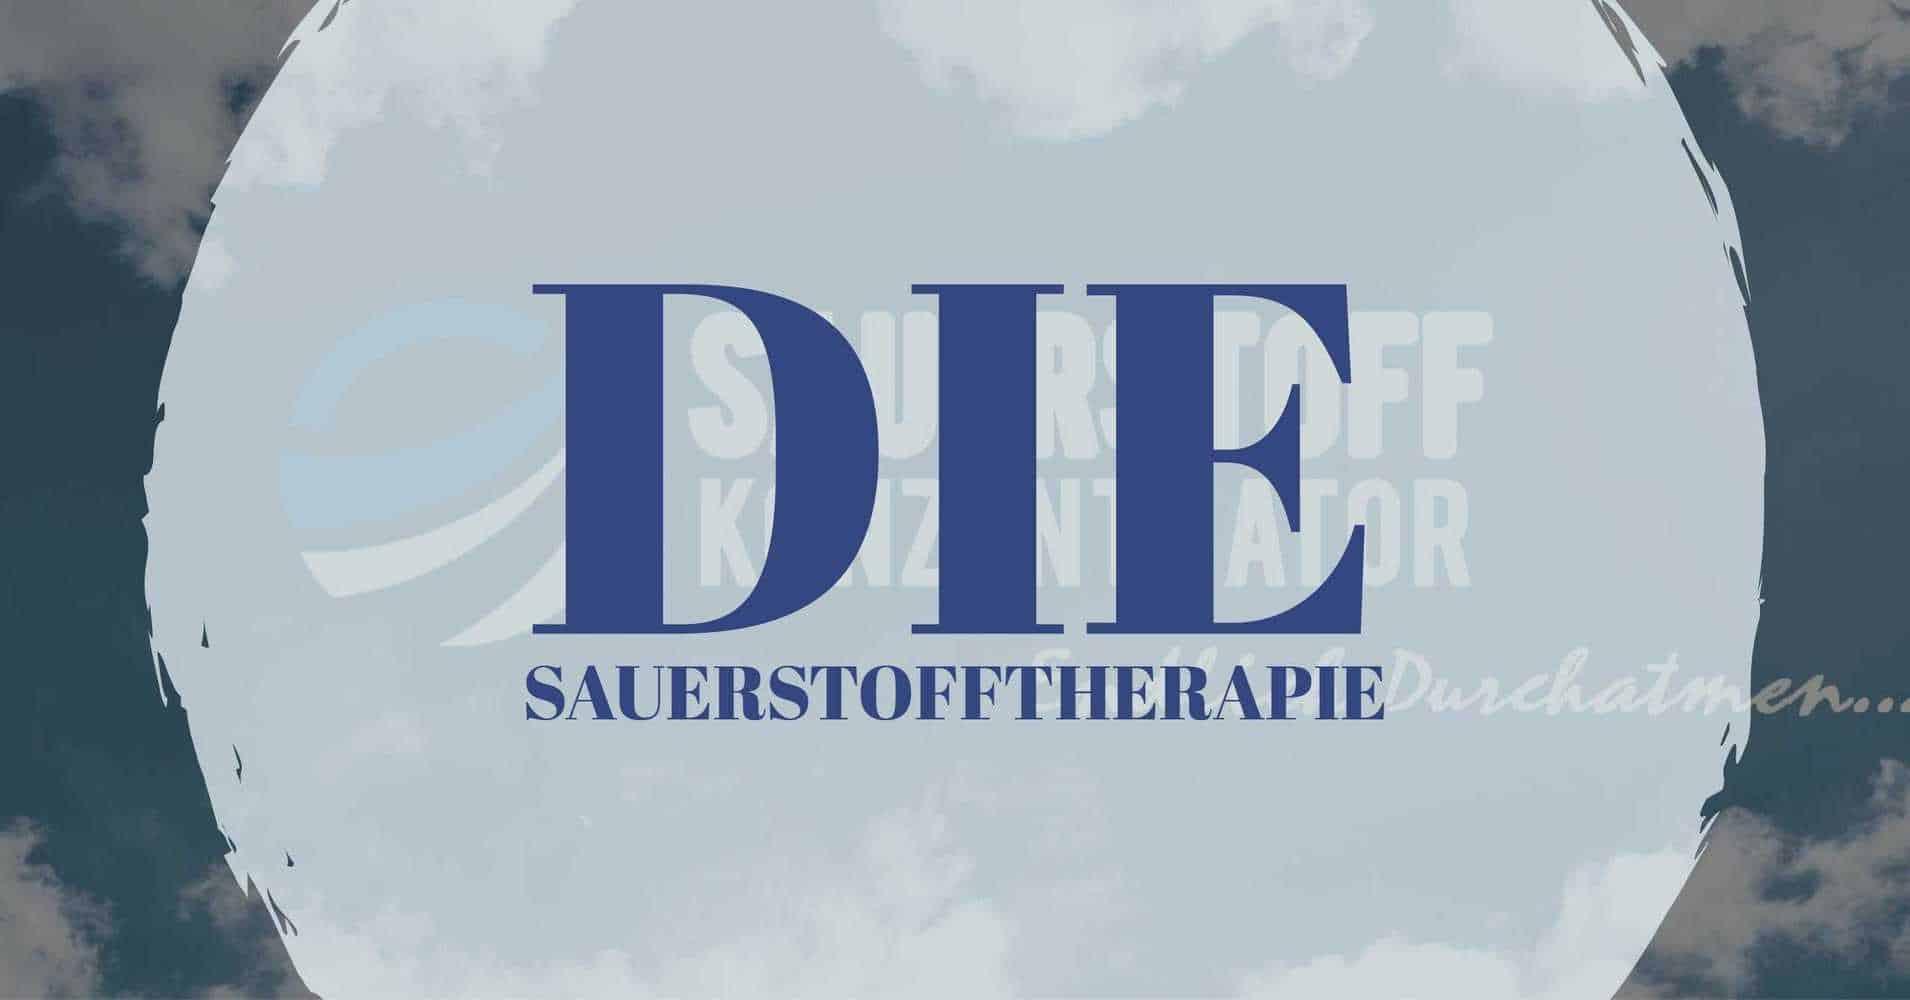 Sauerstofflangzeittherapie